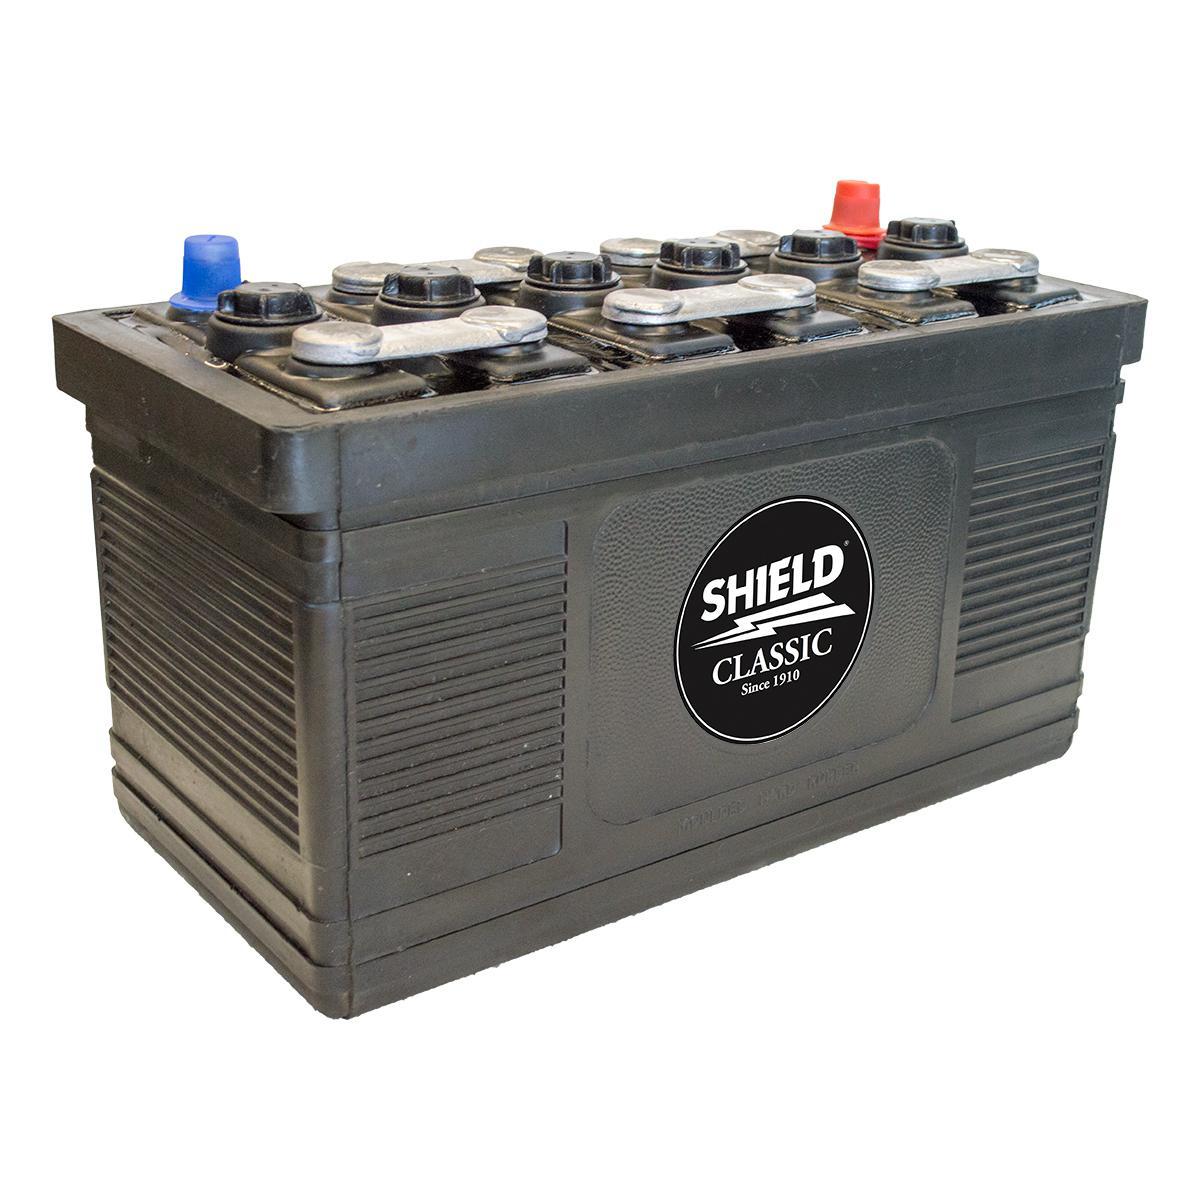 shield 602 12v classic car battery. Black Bedroom Furniture Sets. Home Design Ideas